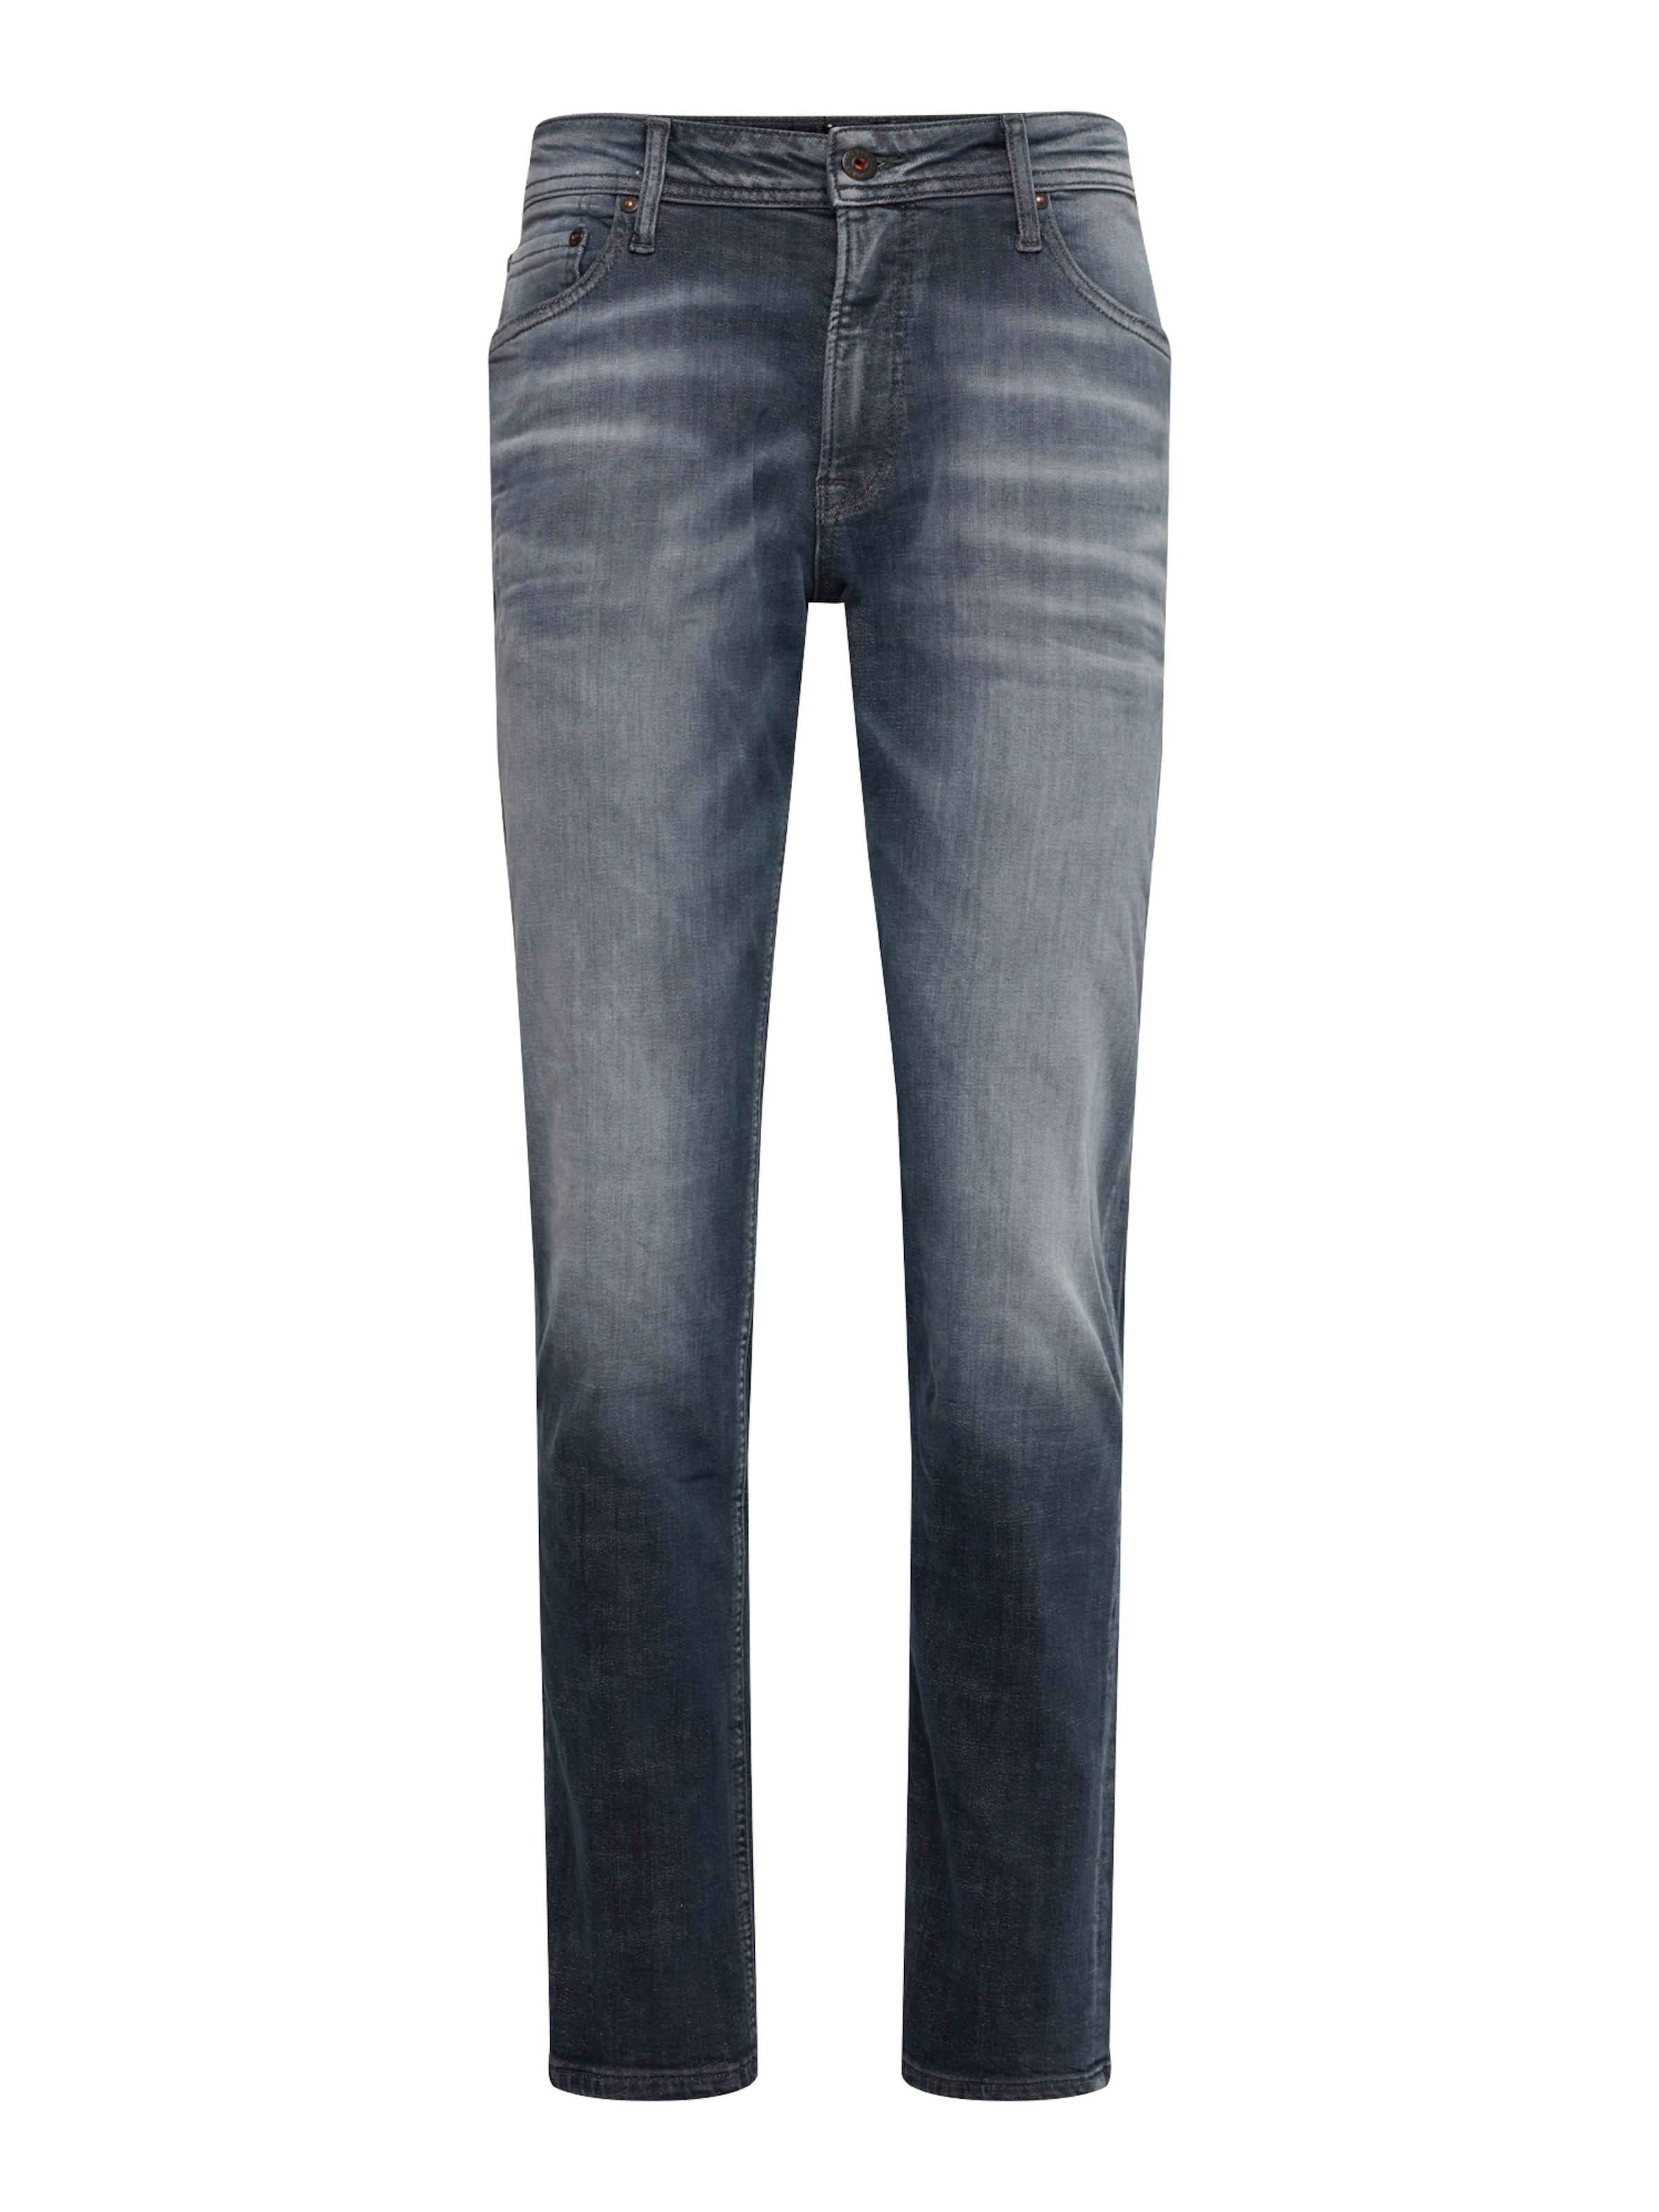 Jackamp; 316 In 'noosClark Original Jeans Jos Noos' Grey Jones Denim 0nwmN8